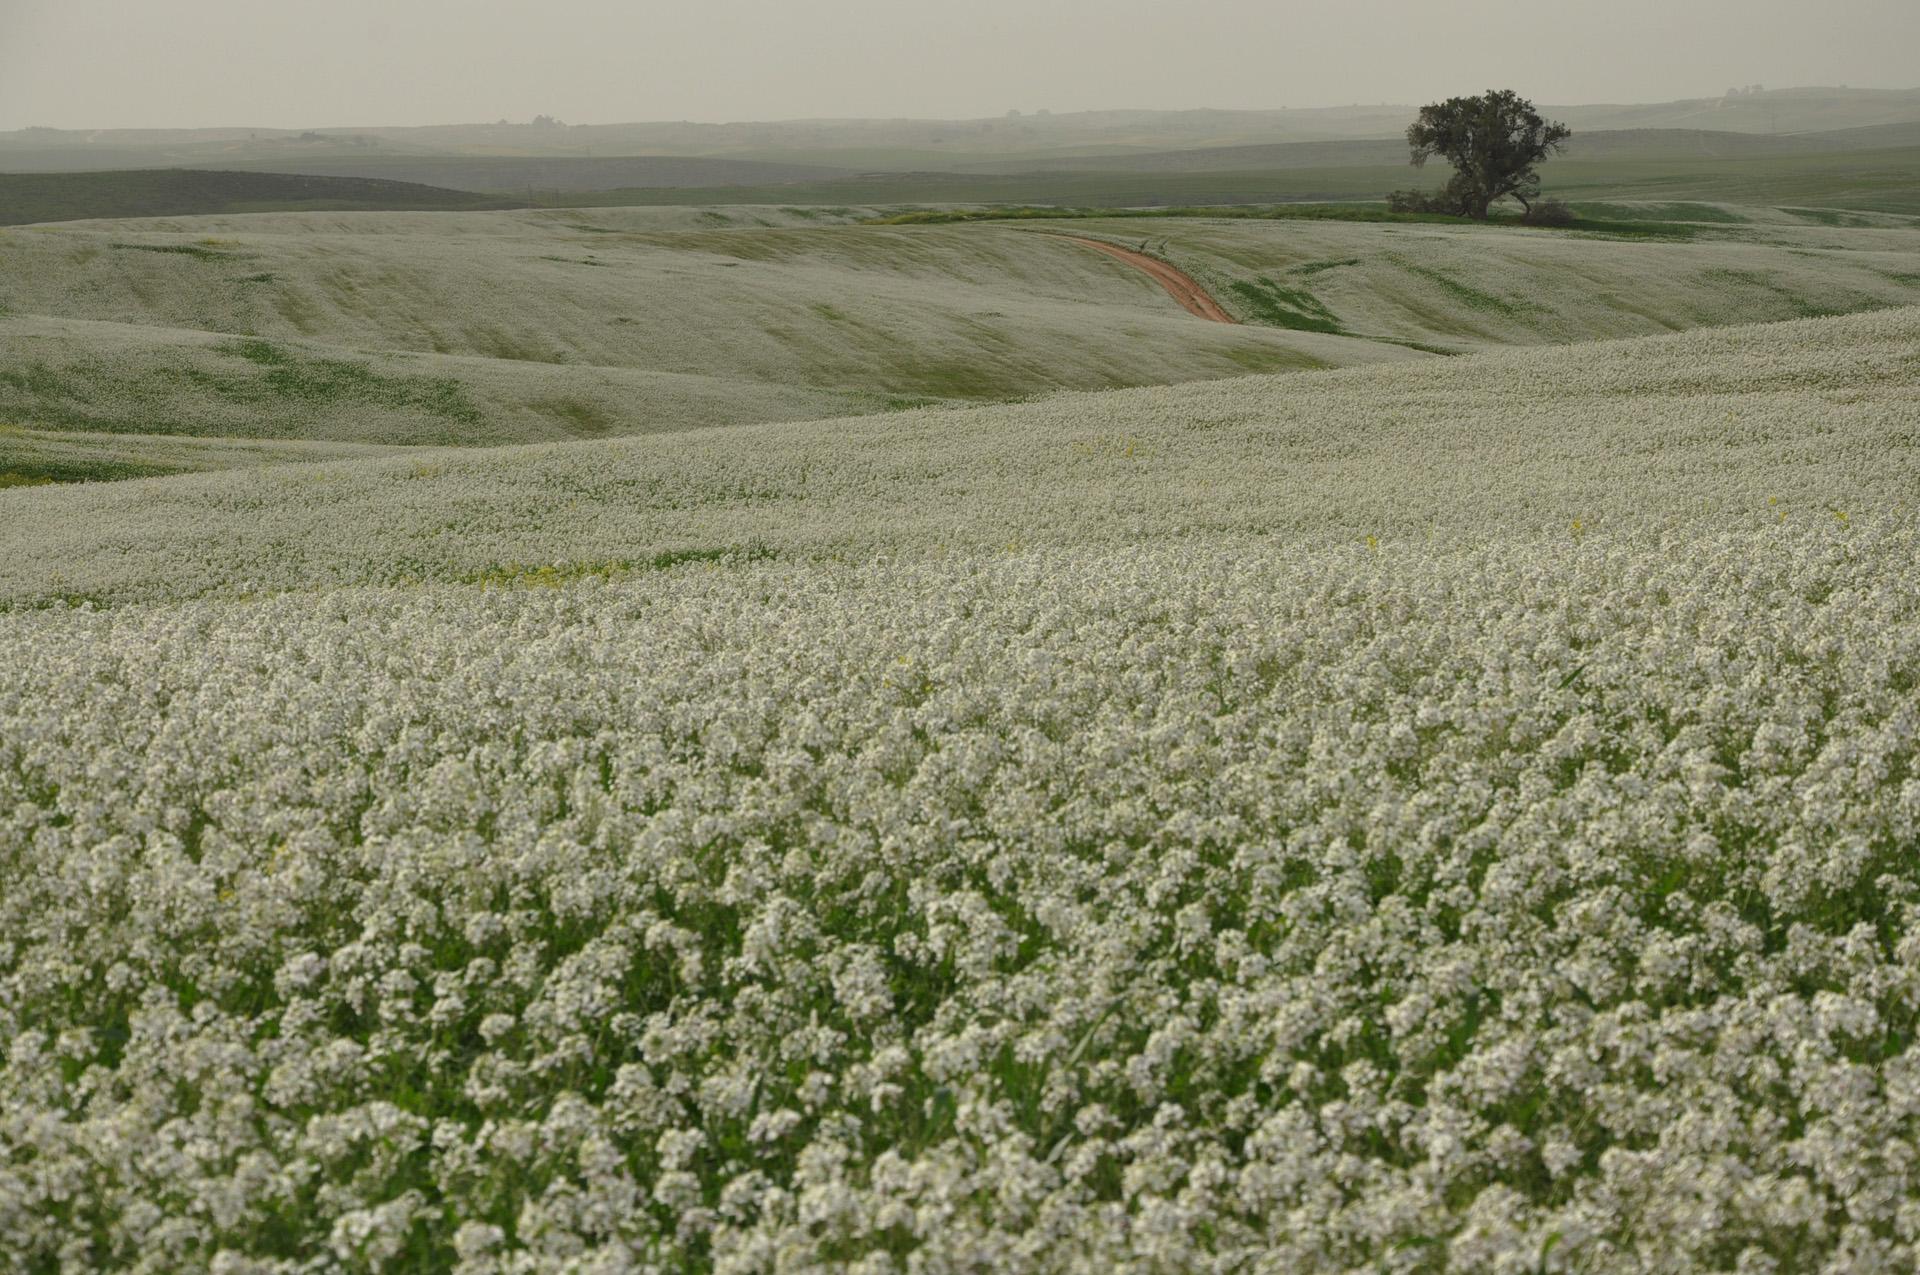 ימים לבנים - צפון הנגב - יואל שתרוג - אדמה יוצרת - yoel sitruk